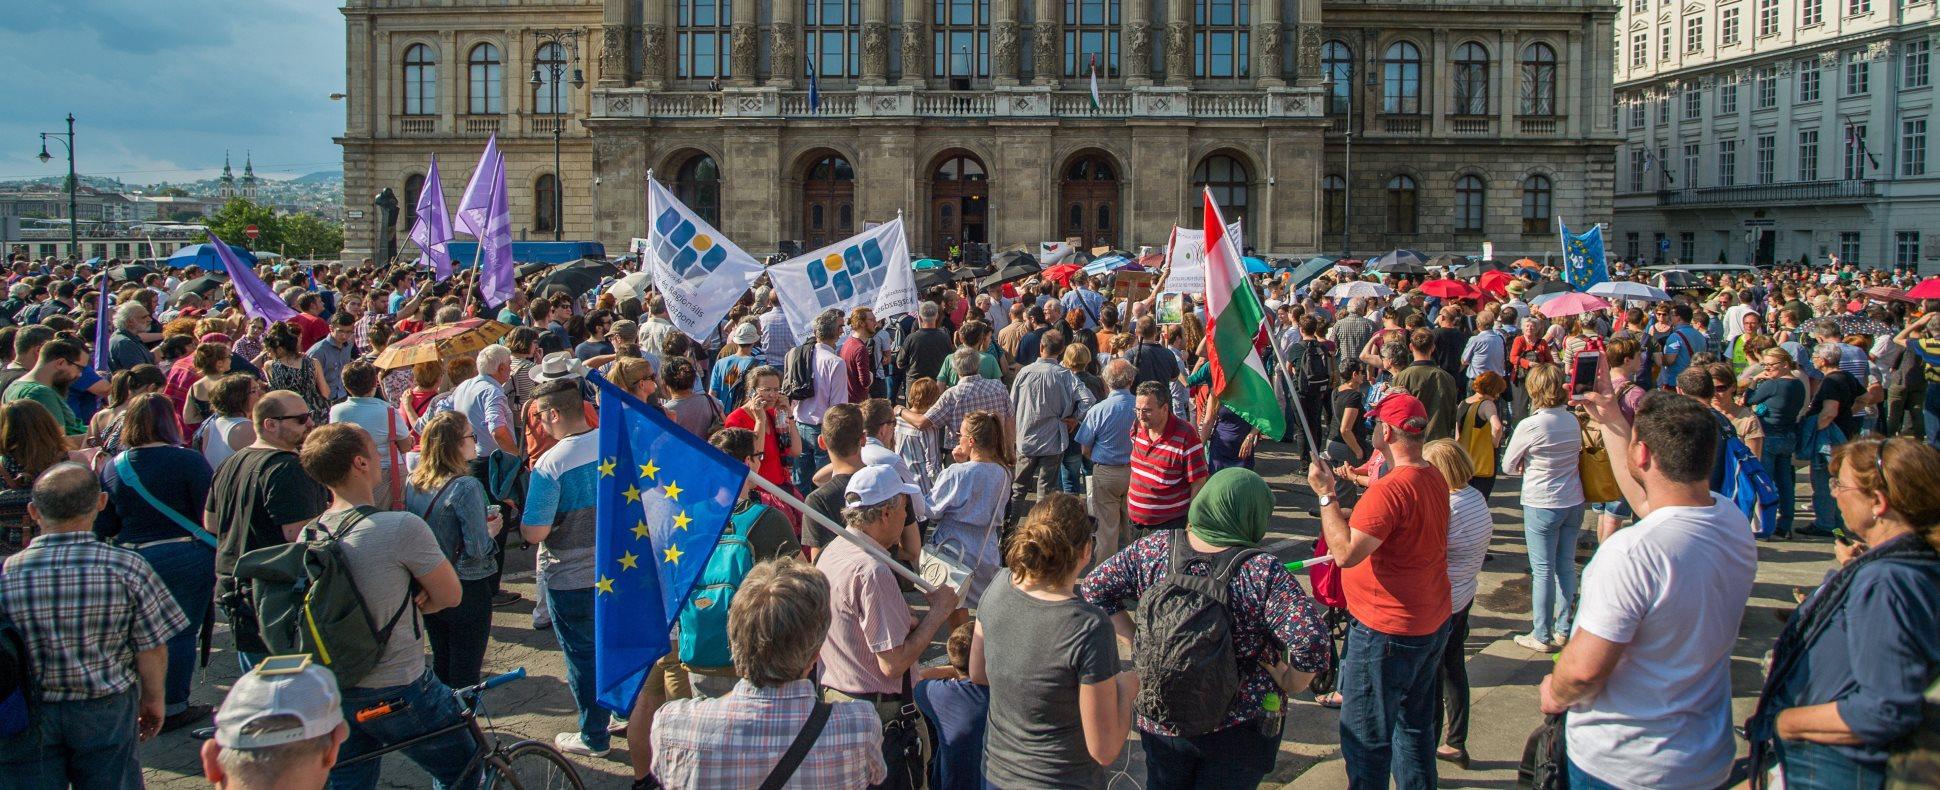 Az MTA intézményrendszerének tervezett átalakítása ellen demonstráltak Budapesten